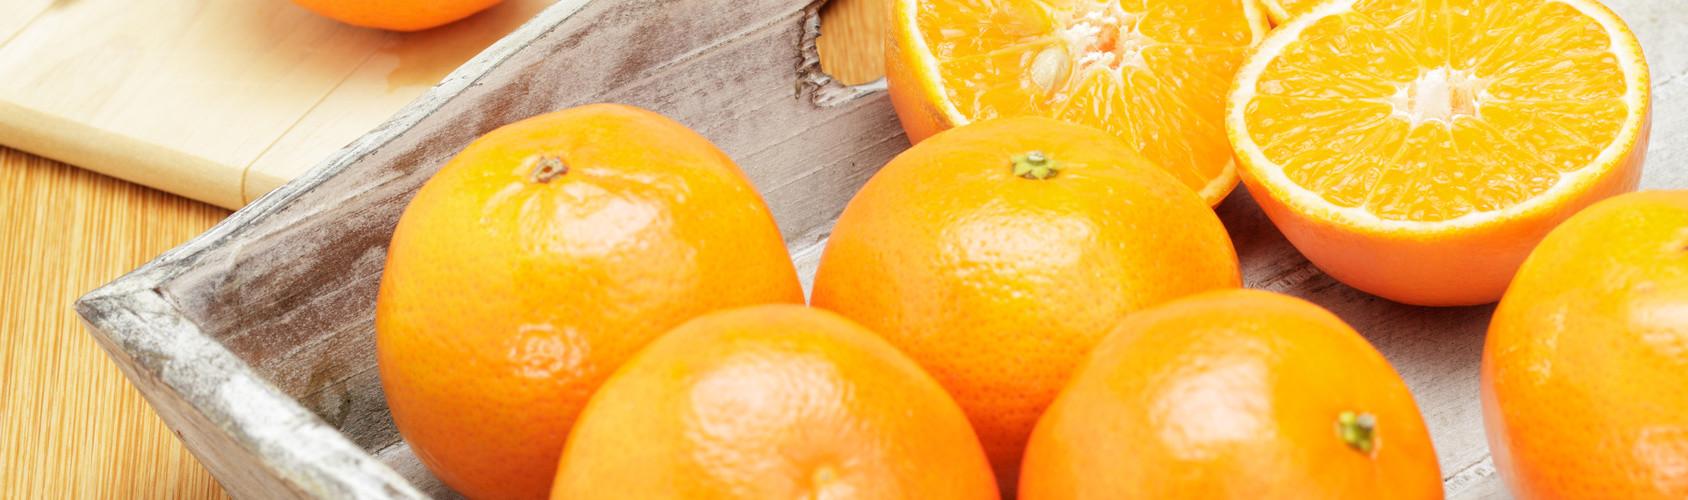 Oranges - Citrus Fruit